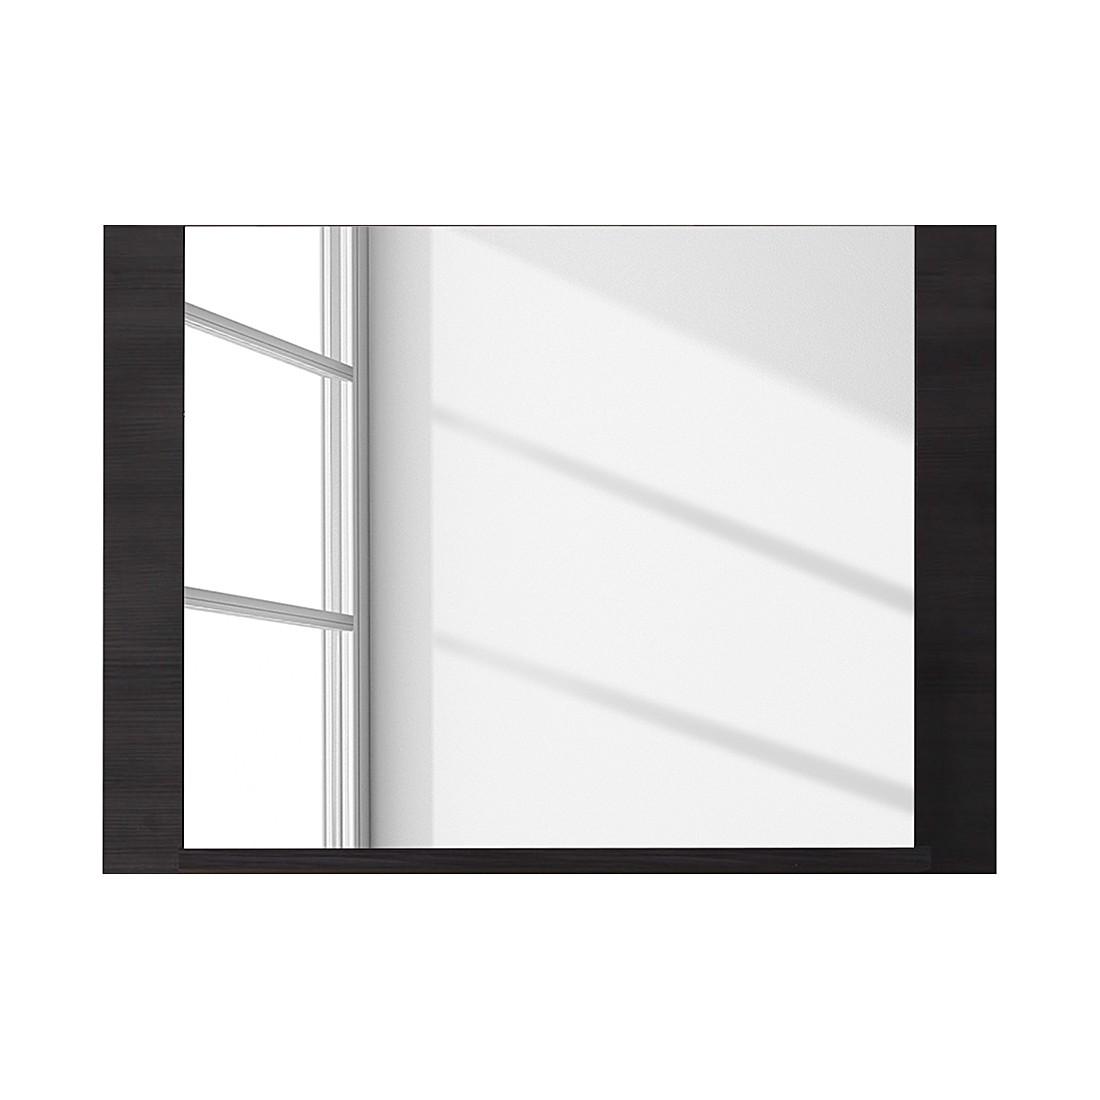 energie  A+, Wandspiegel Bigio - grijze essenhouten look, Fredriks